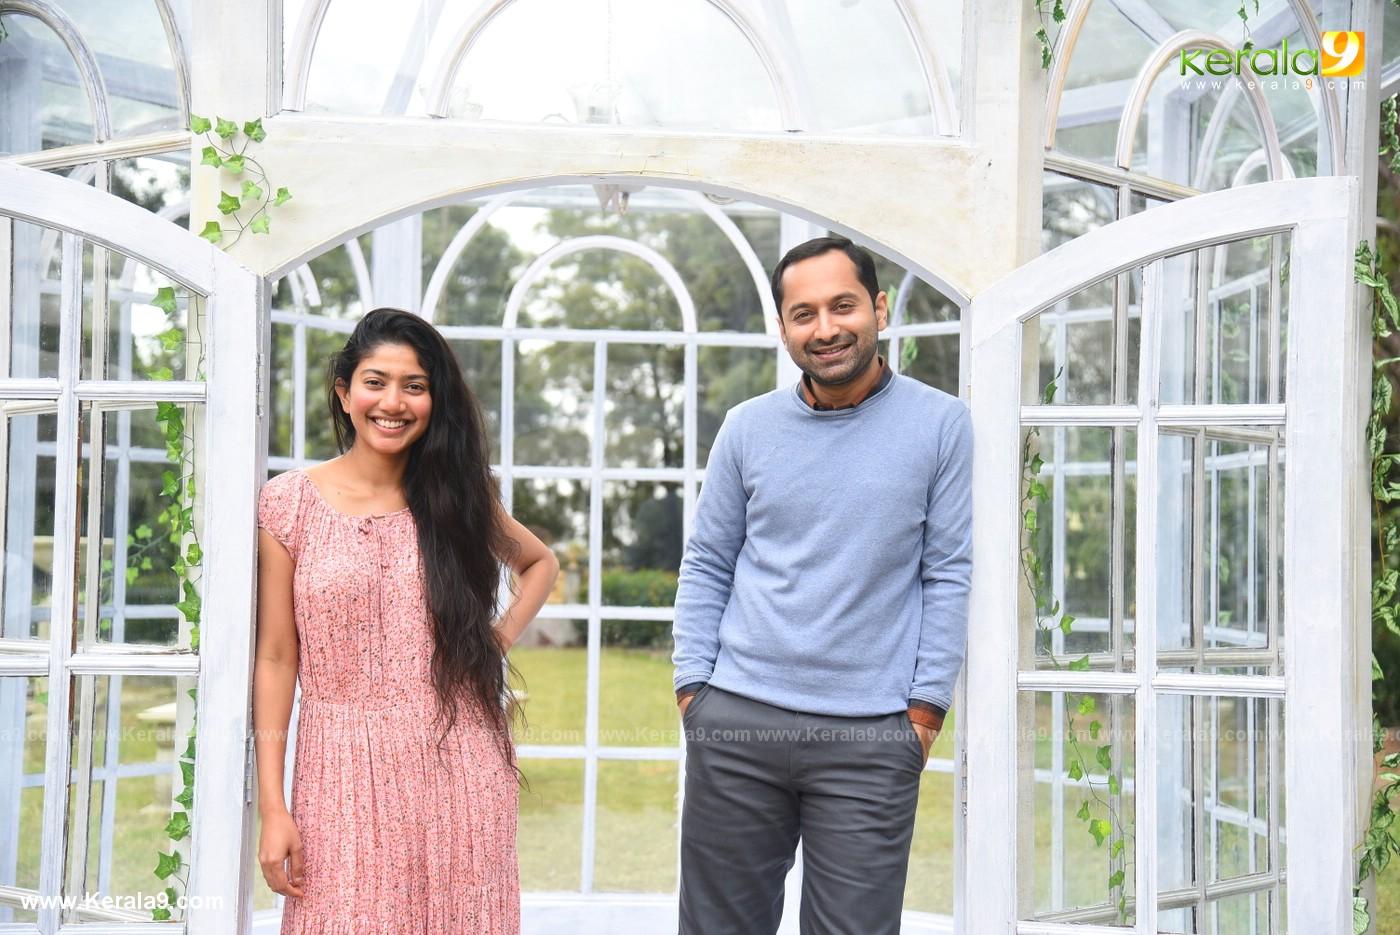 athiran malayalam movie photos 5 - Kerala9.com